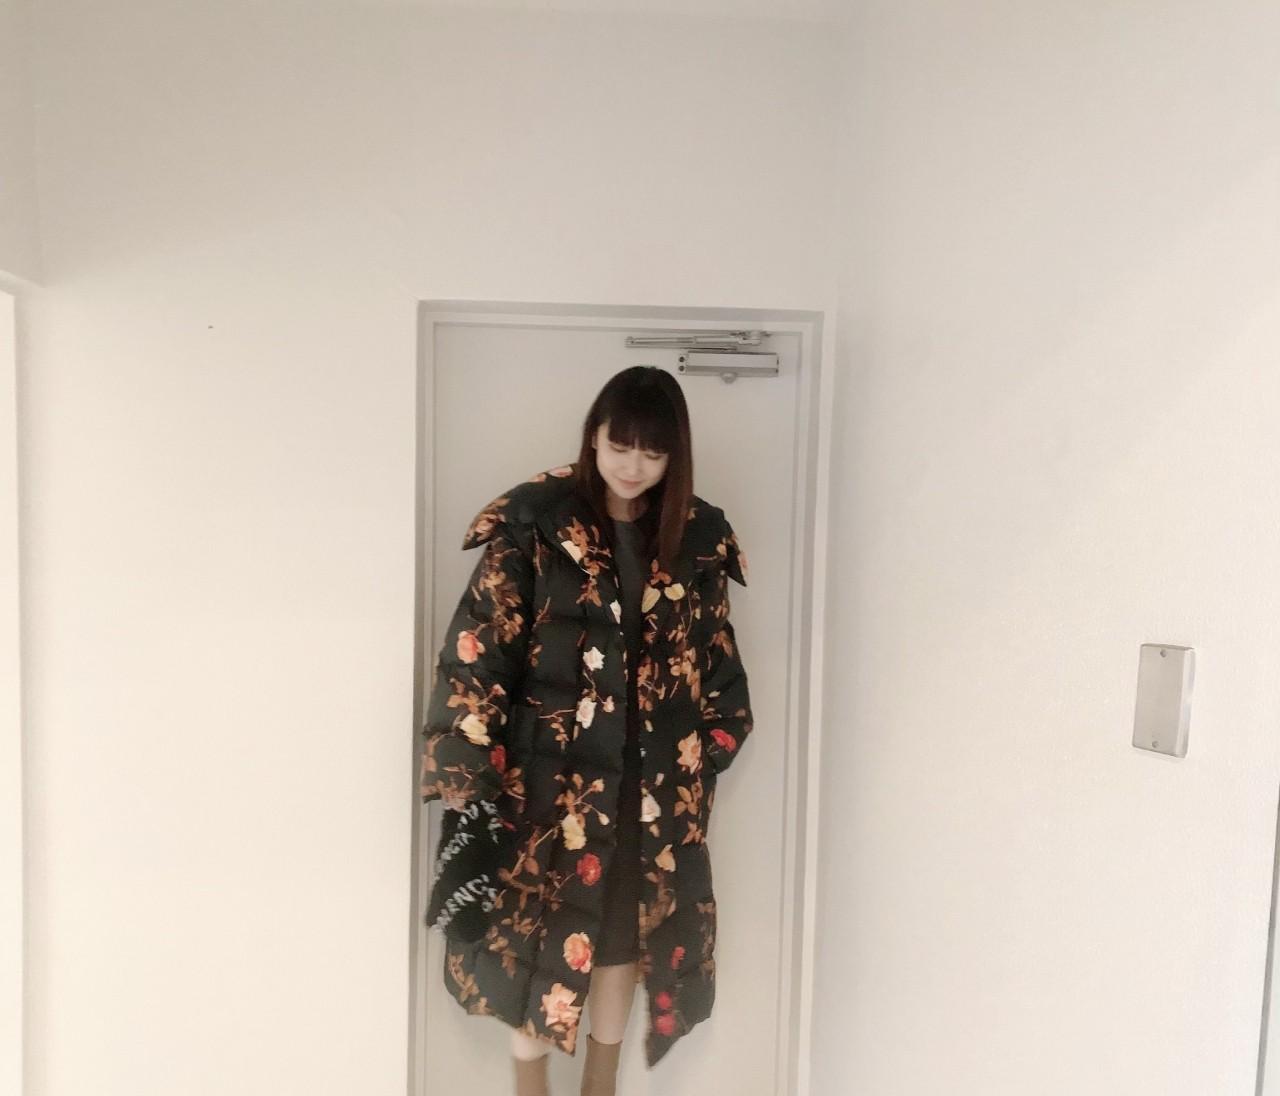 ユウコ、マルジェラで福岡に立つ。